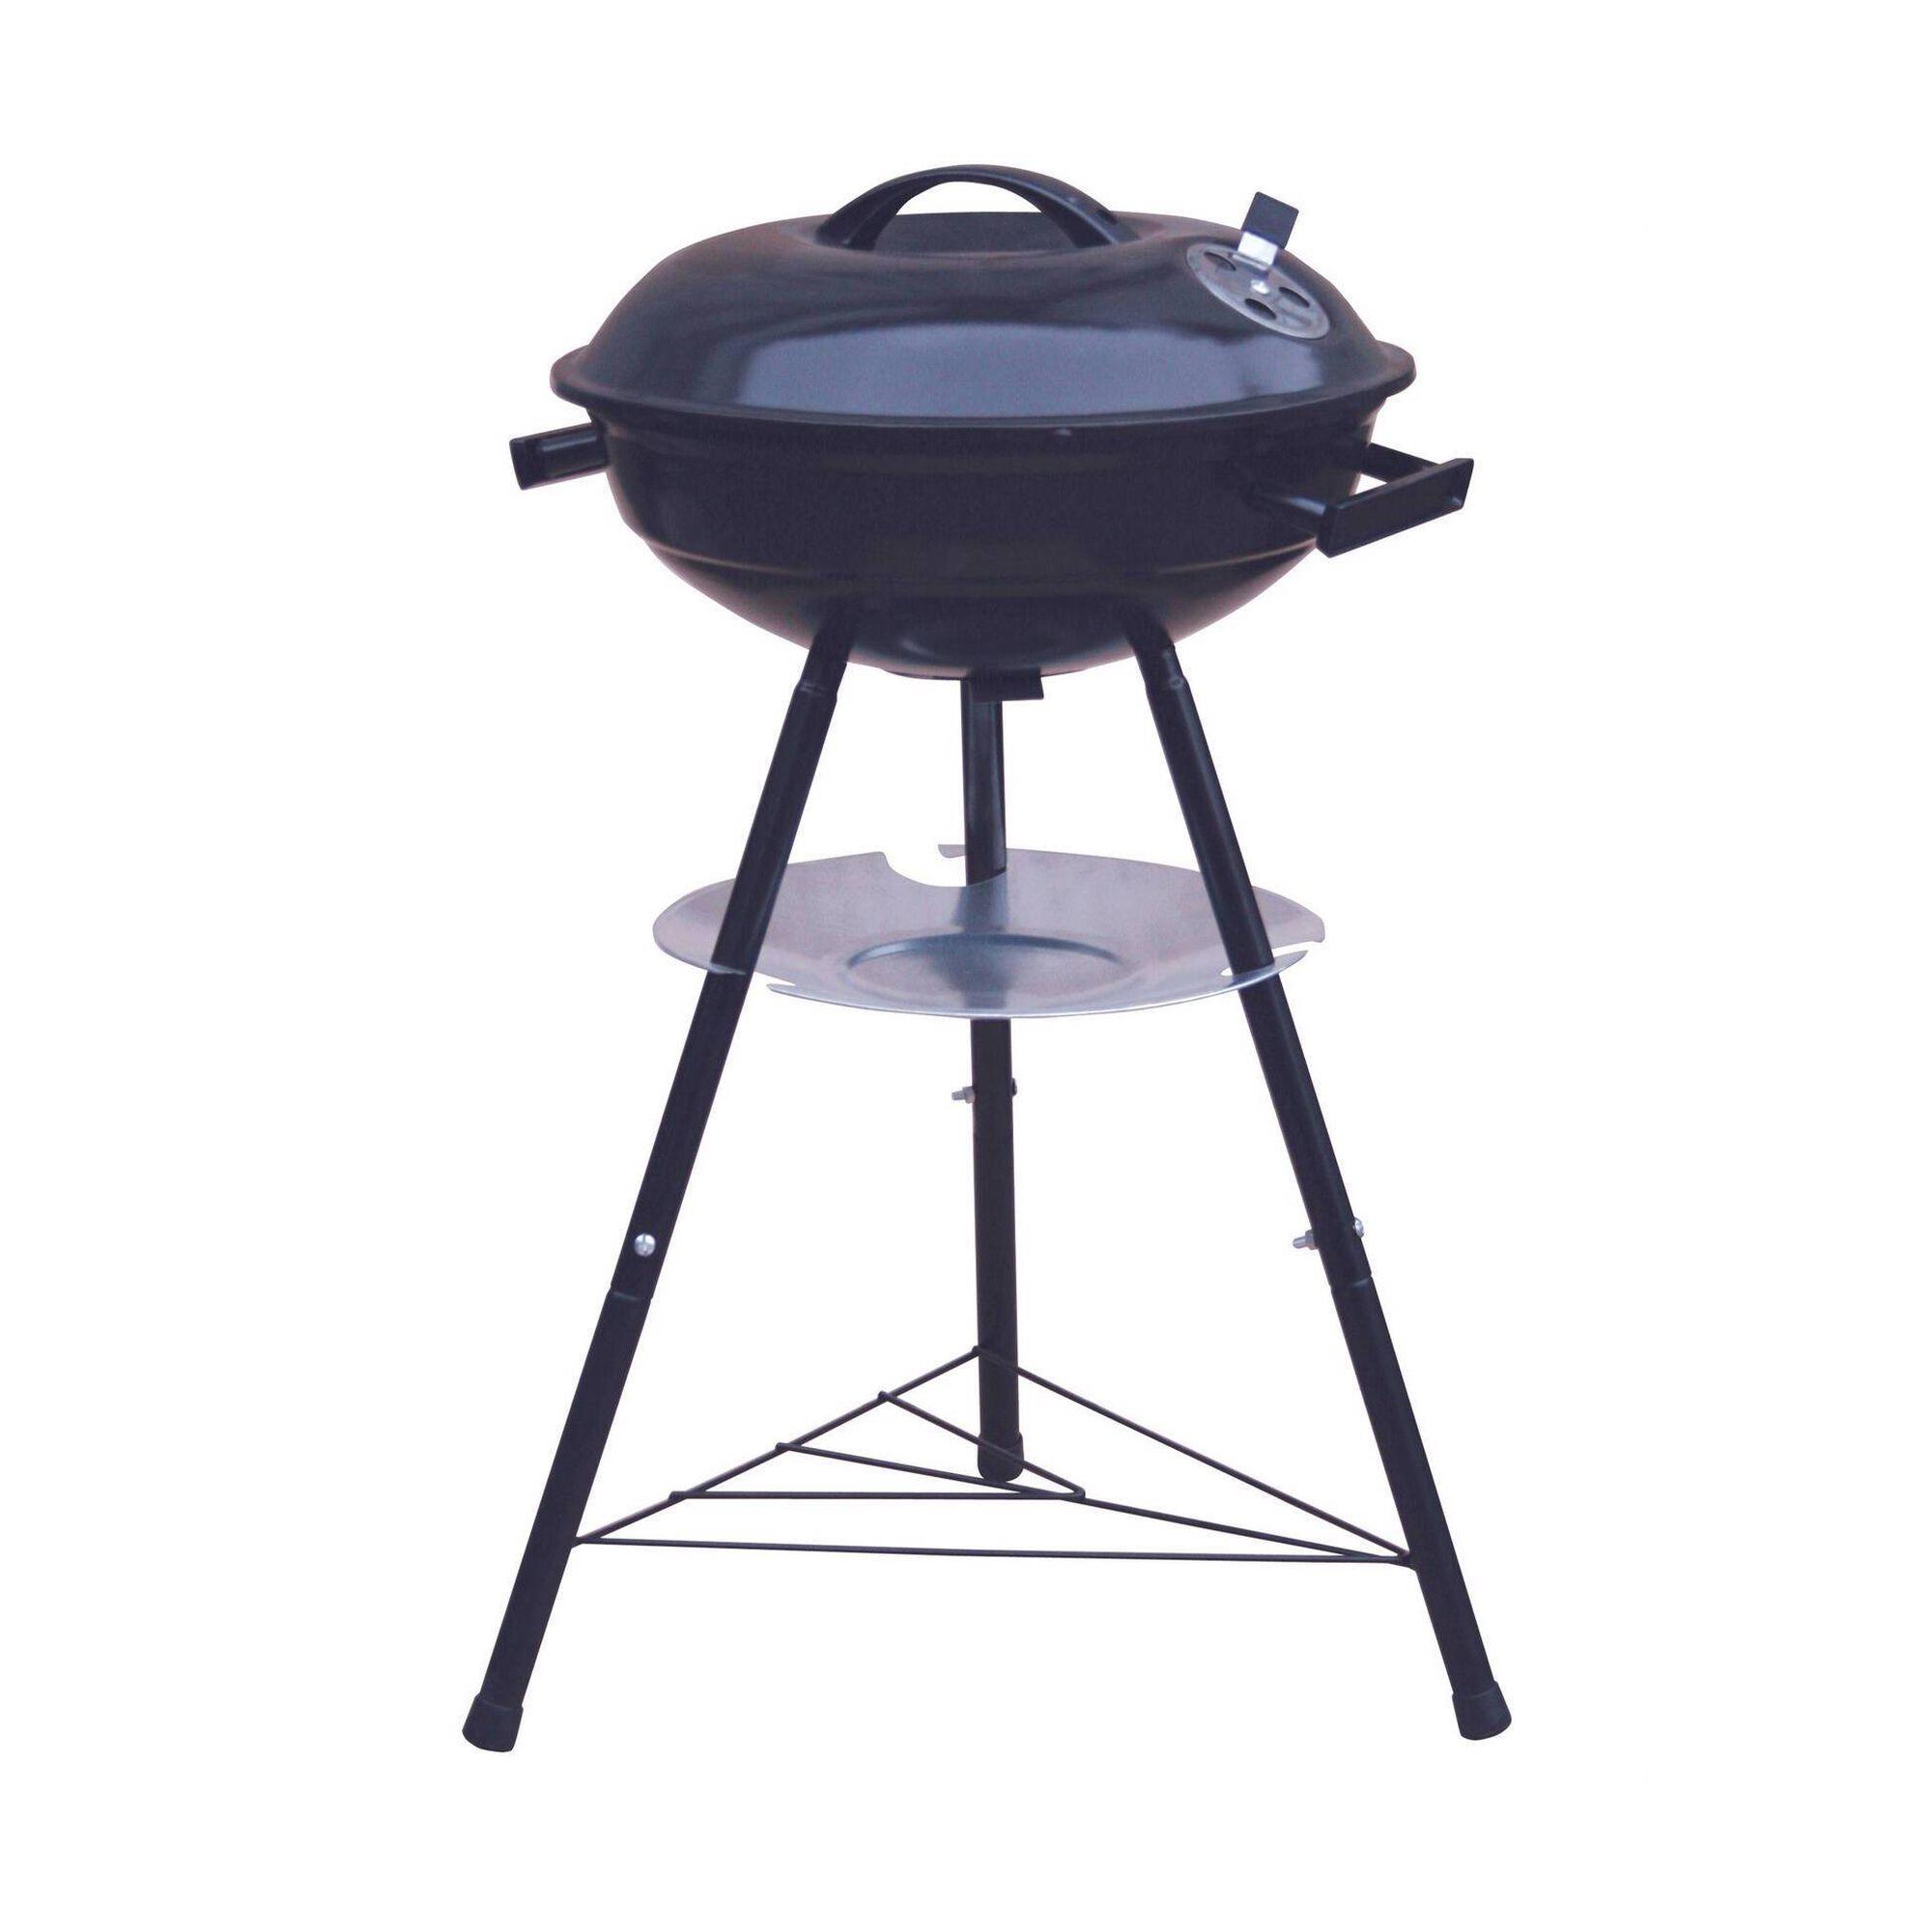 Barbecue Carvão Redondo com Tampa